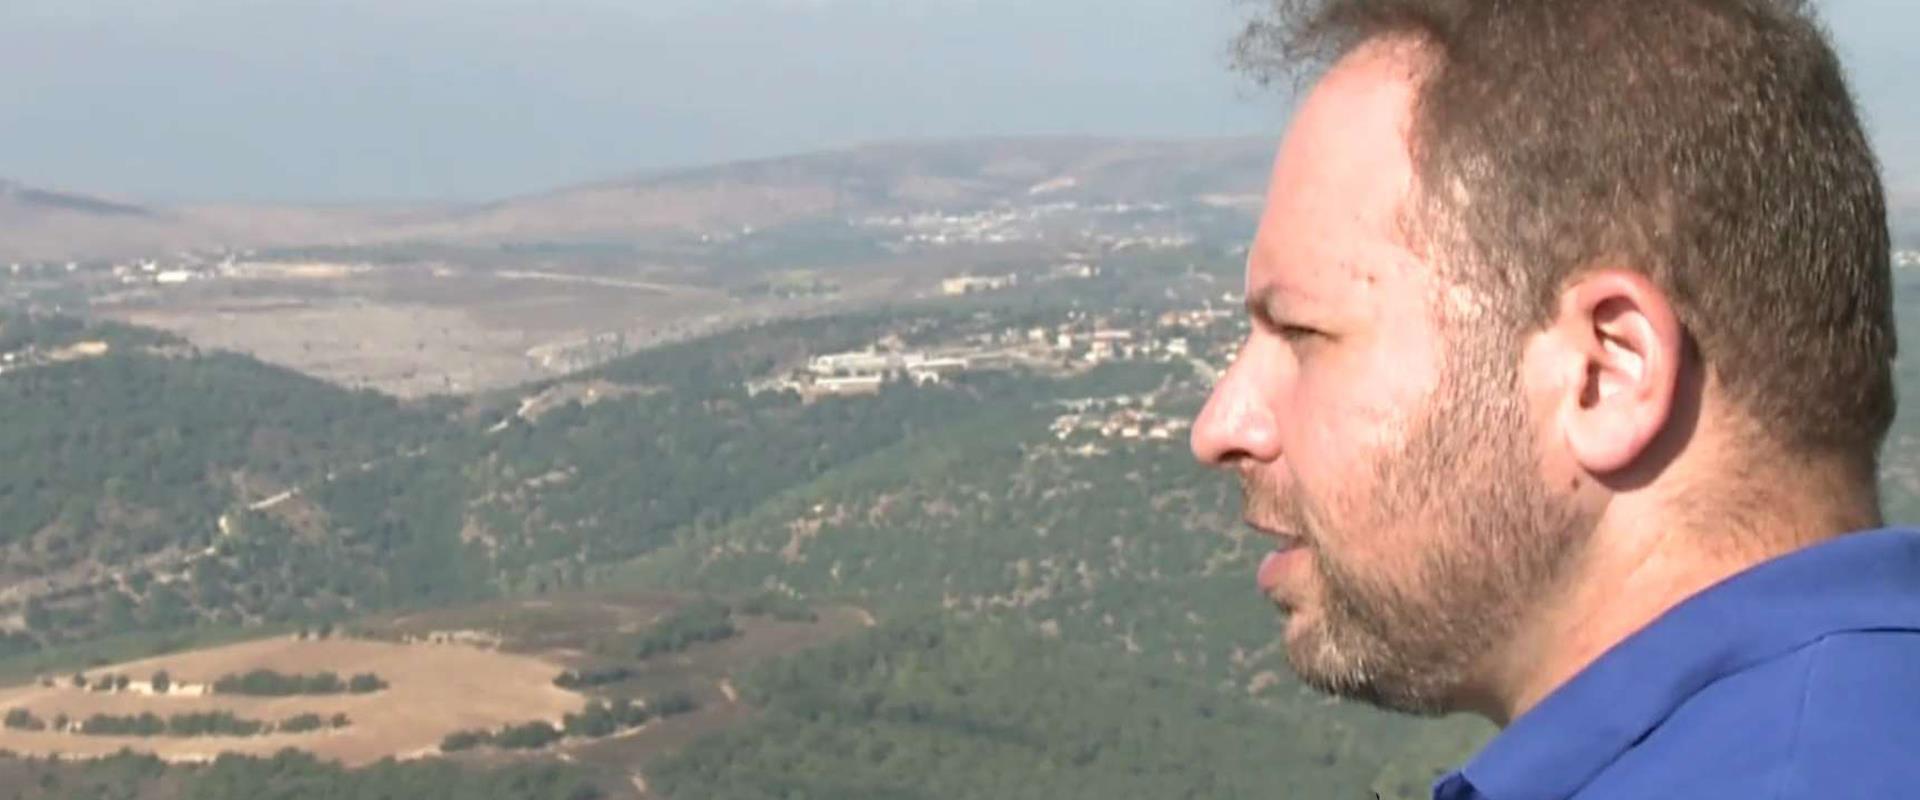 """""""השריטות הן עמוקות"""": נזכרים במלחמת לבנון"""